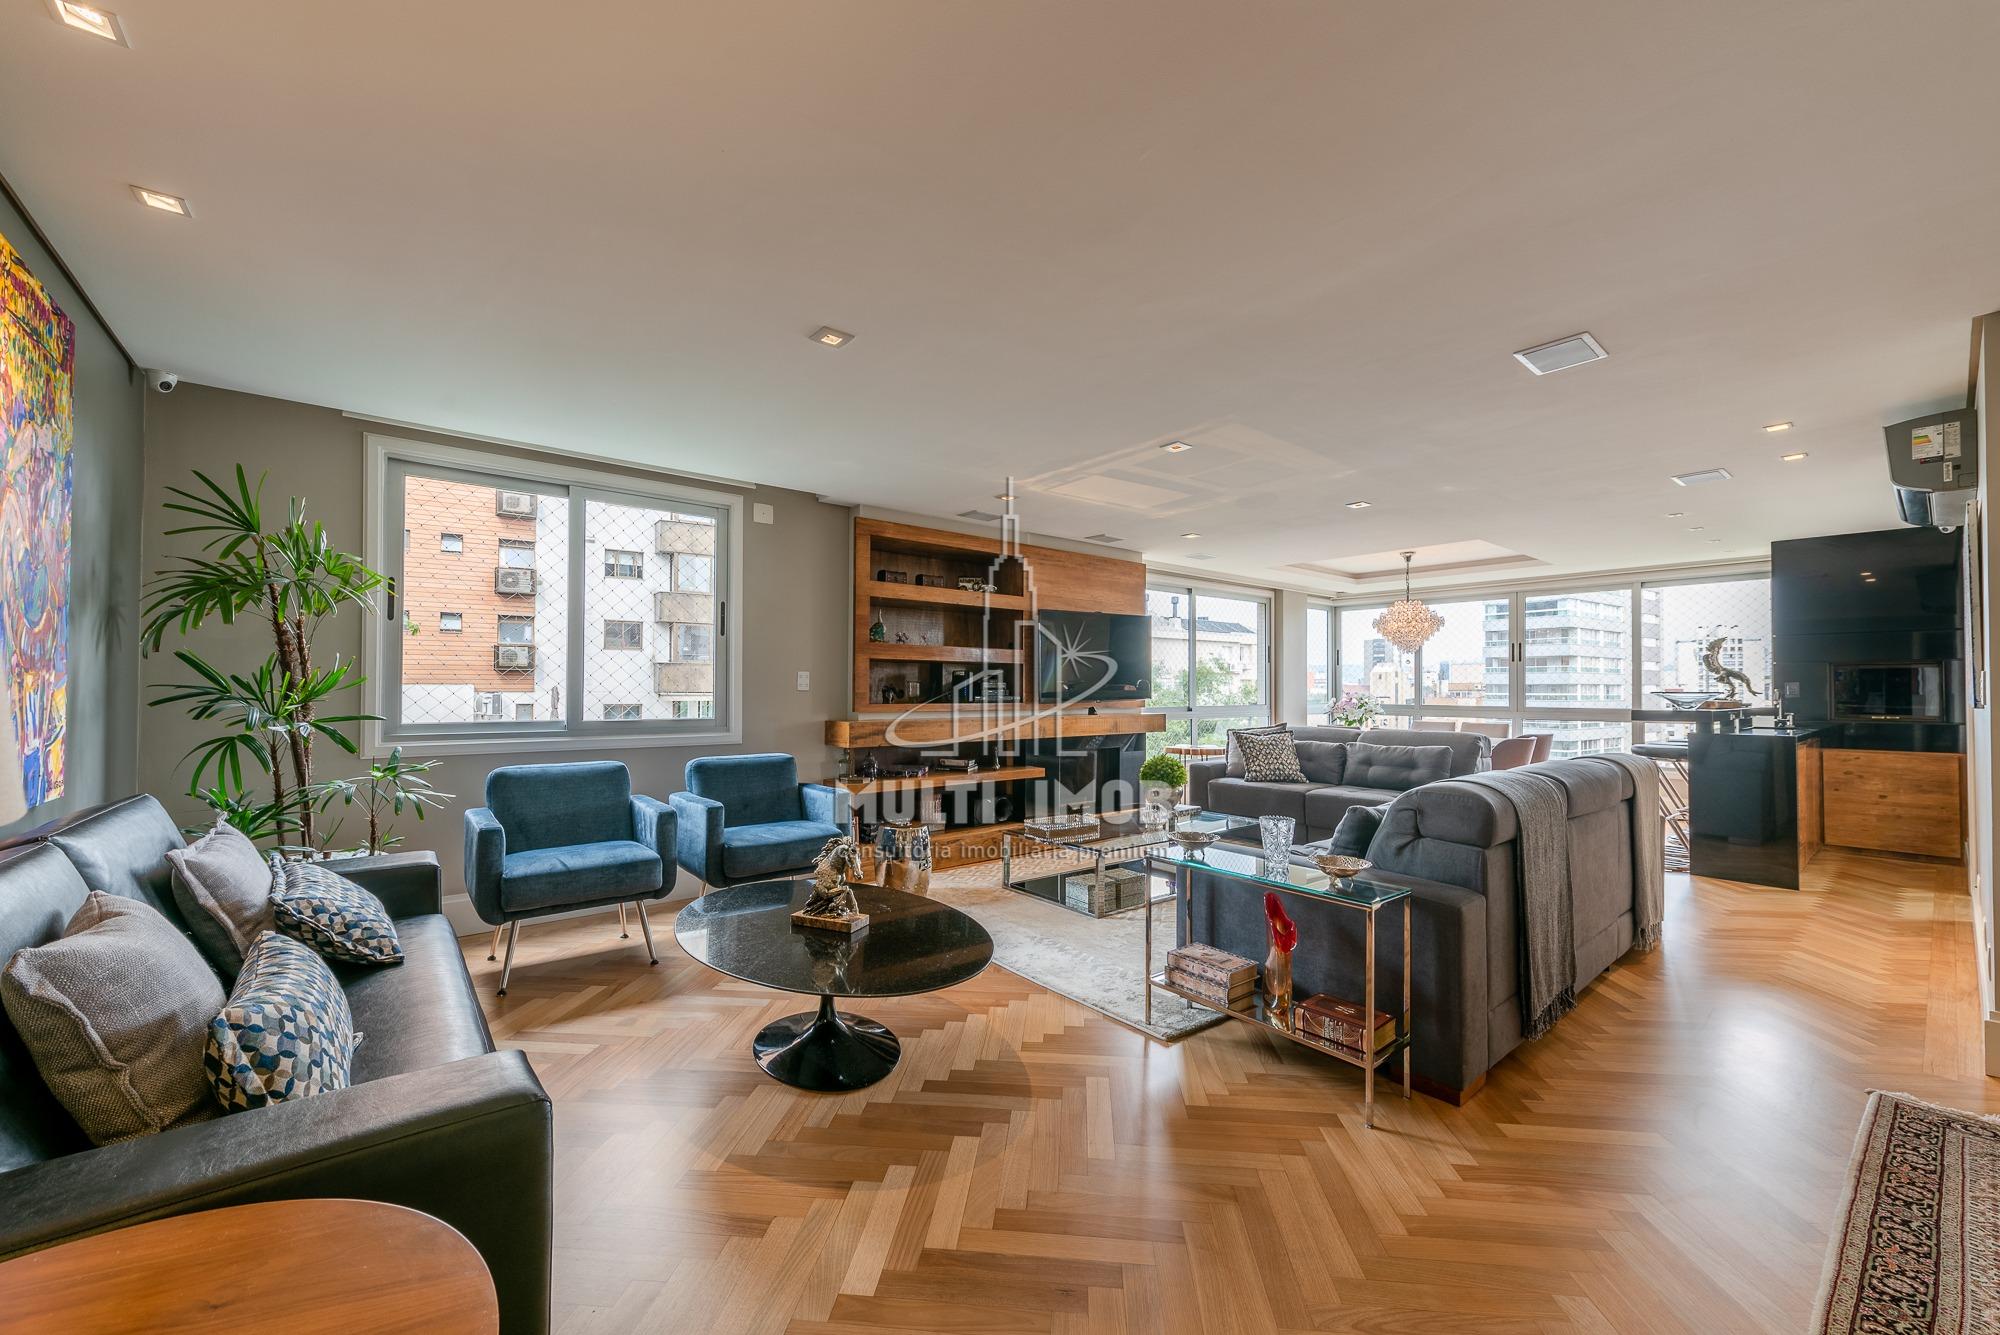 Apartamento  3 Dormitórios  3 Suítes  2 Vagas de Garagem Venda Bairro Bela Vista em Porto Alegre RS